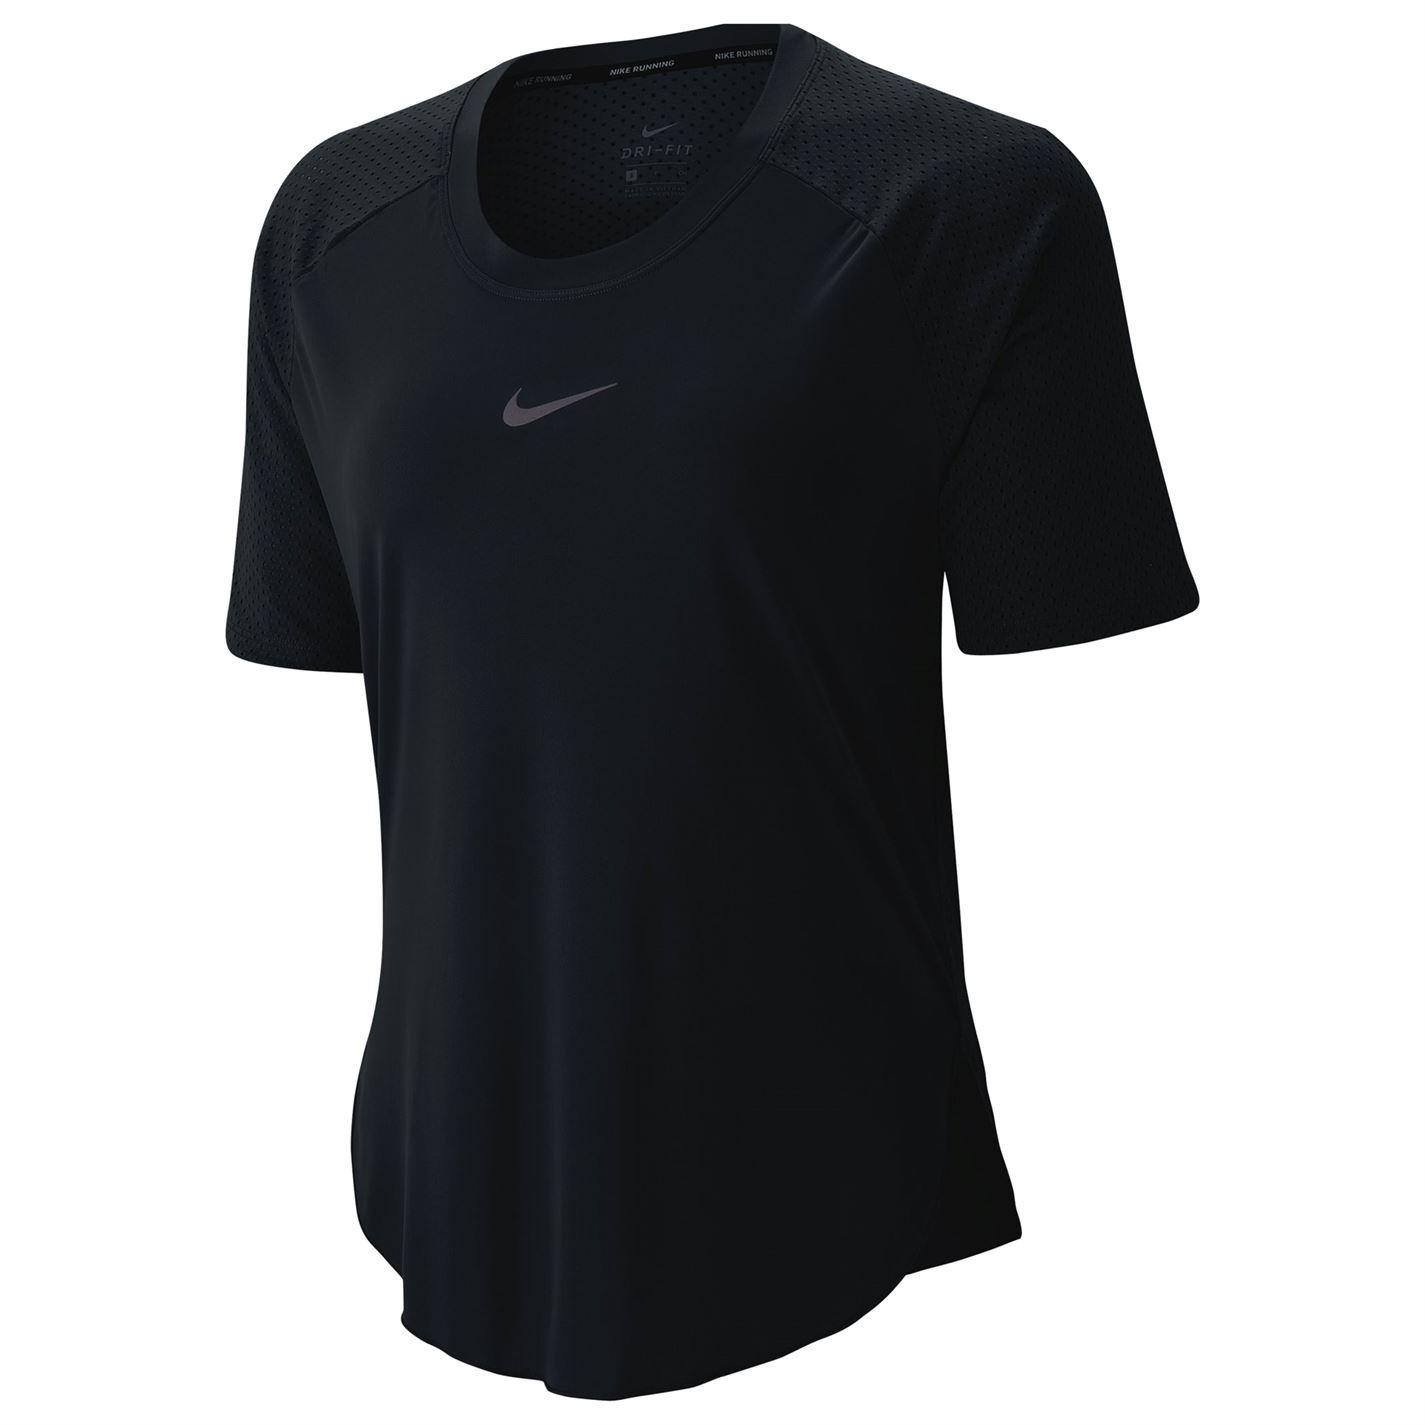 Triko Nike Short Sleeve City T Shirt dámské